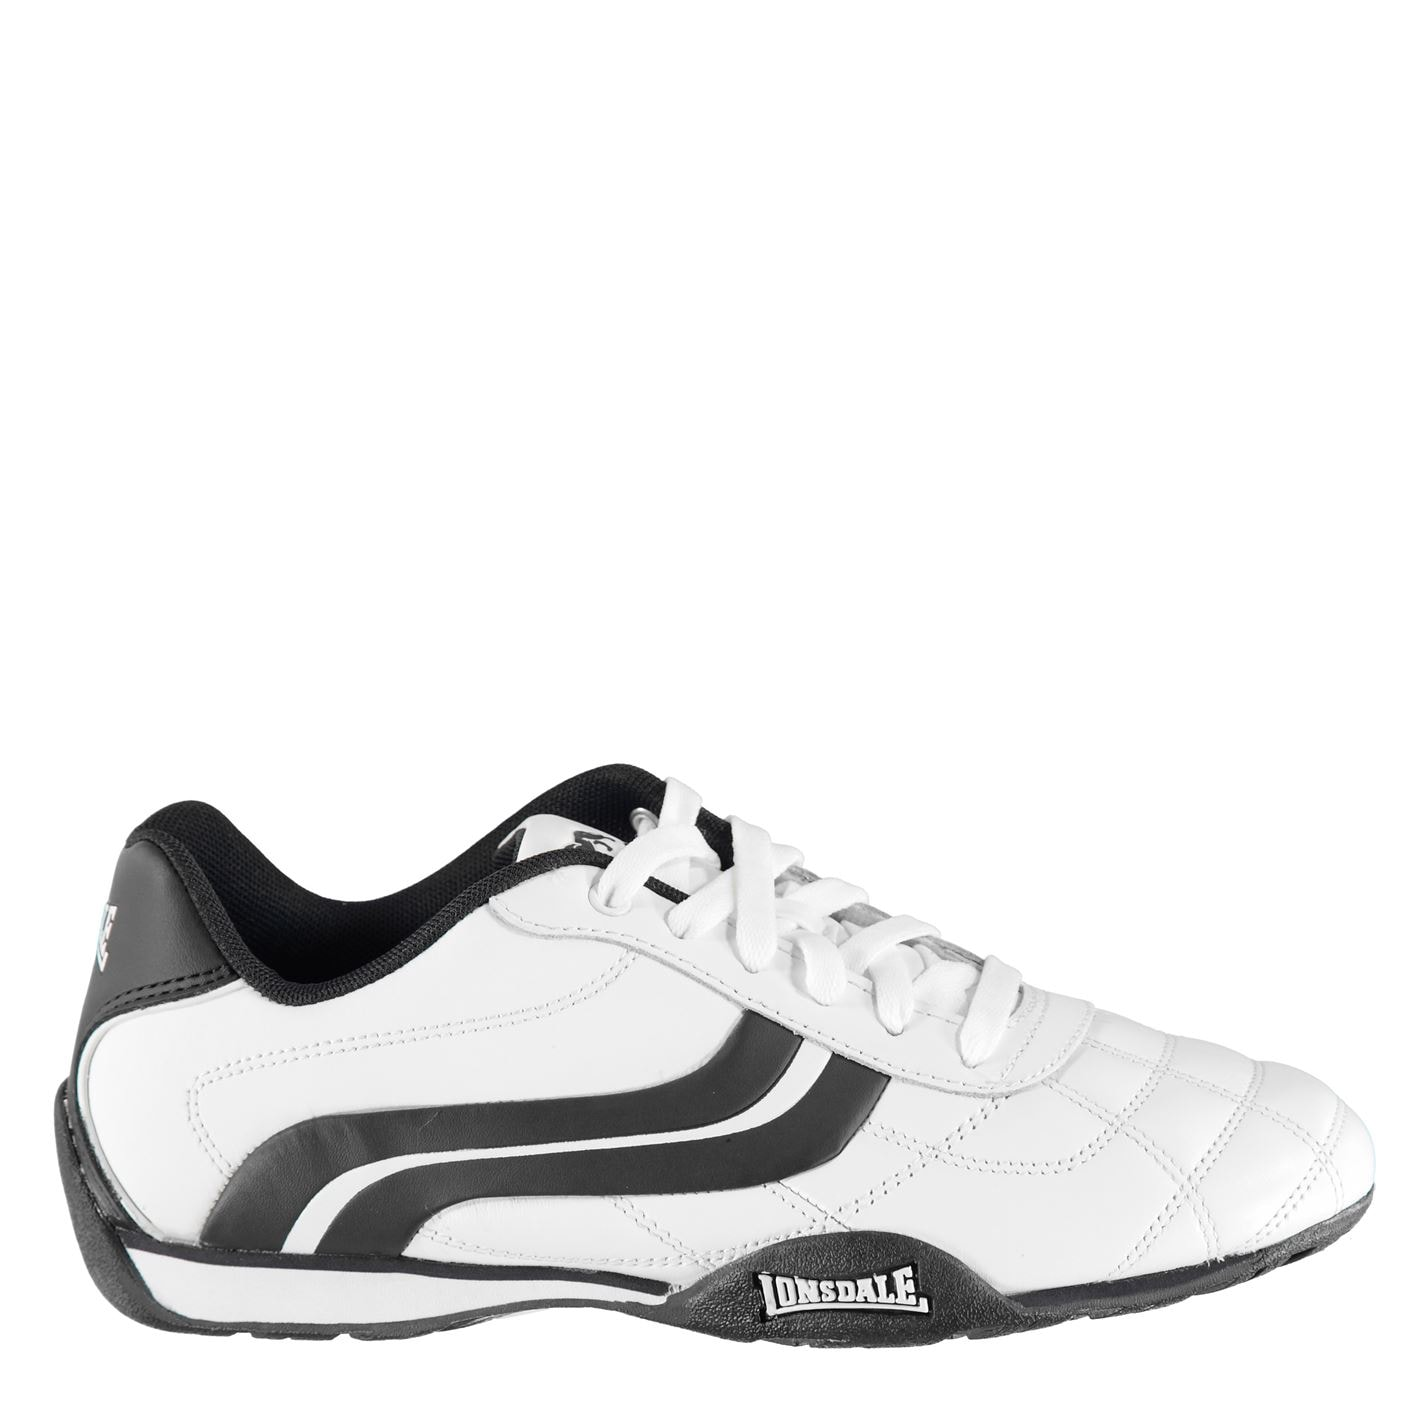 d3927d6f1ed3b Pánske topánky | Lonsdale Camden Mens Trainers White/Navy | Športová ...